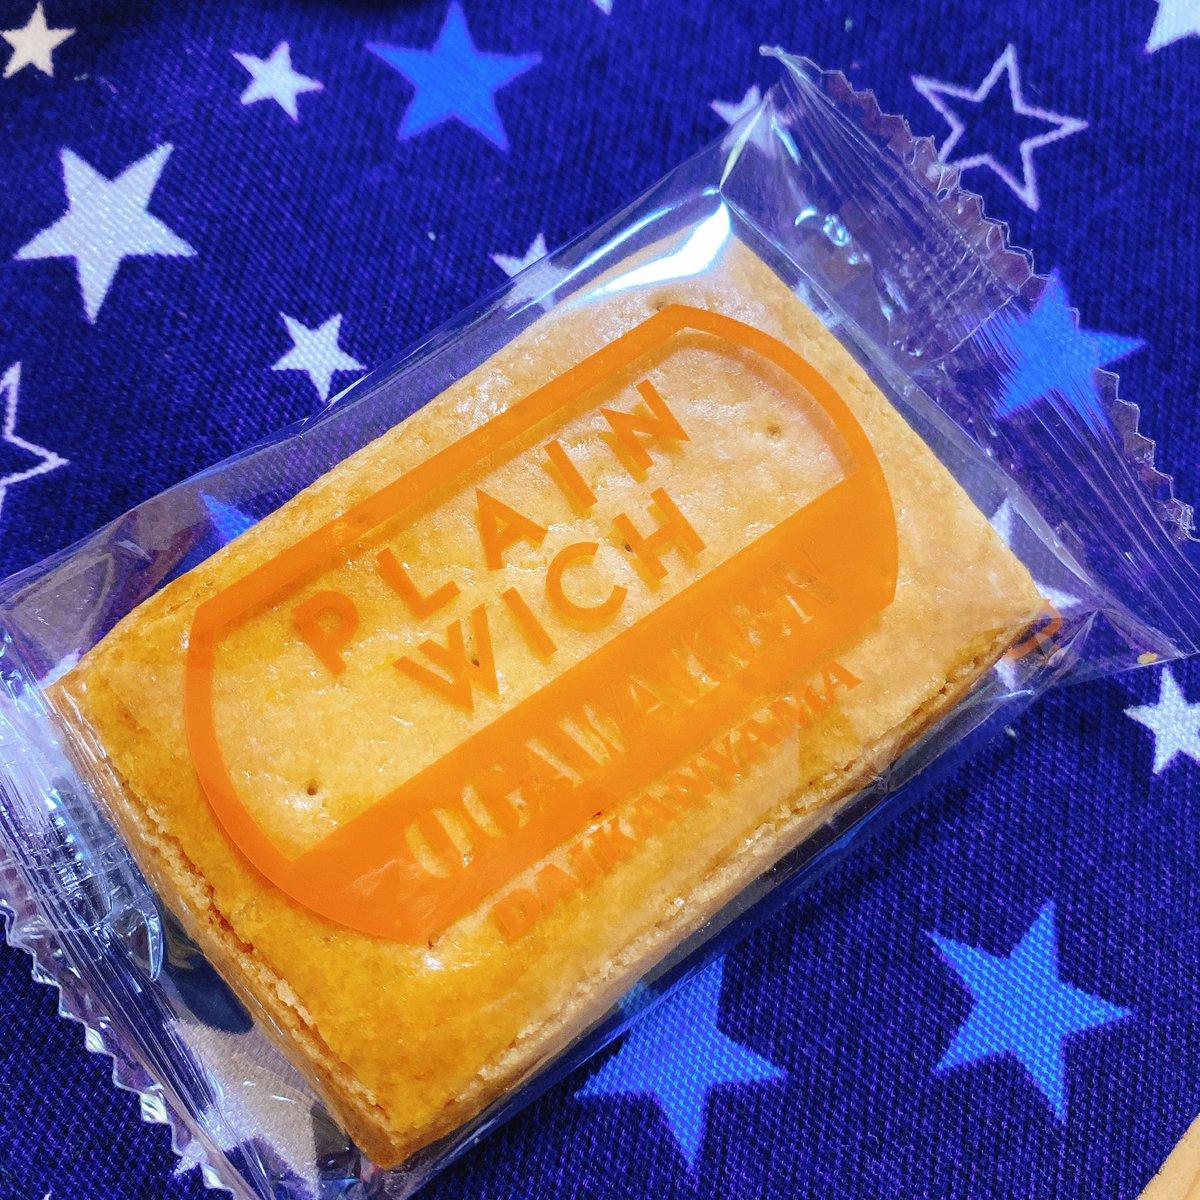 test ツイッターメディア - 代官山小川軒のレーズンウィッチは有名なんだけど、このプレーンウィッチもかなり勧めたい。クリームもレーズンも入ってない、いわば普通のクッキーなのですが、これはこれですごく美味しい。レーズン〜より日持ちするし缶入りなのでお使い物にも良い。レーズン〜は冷凍しても美味しい^^ https://t.co/wZmkF31h6c